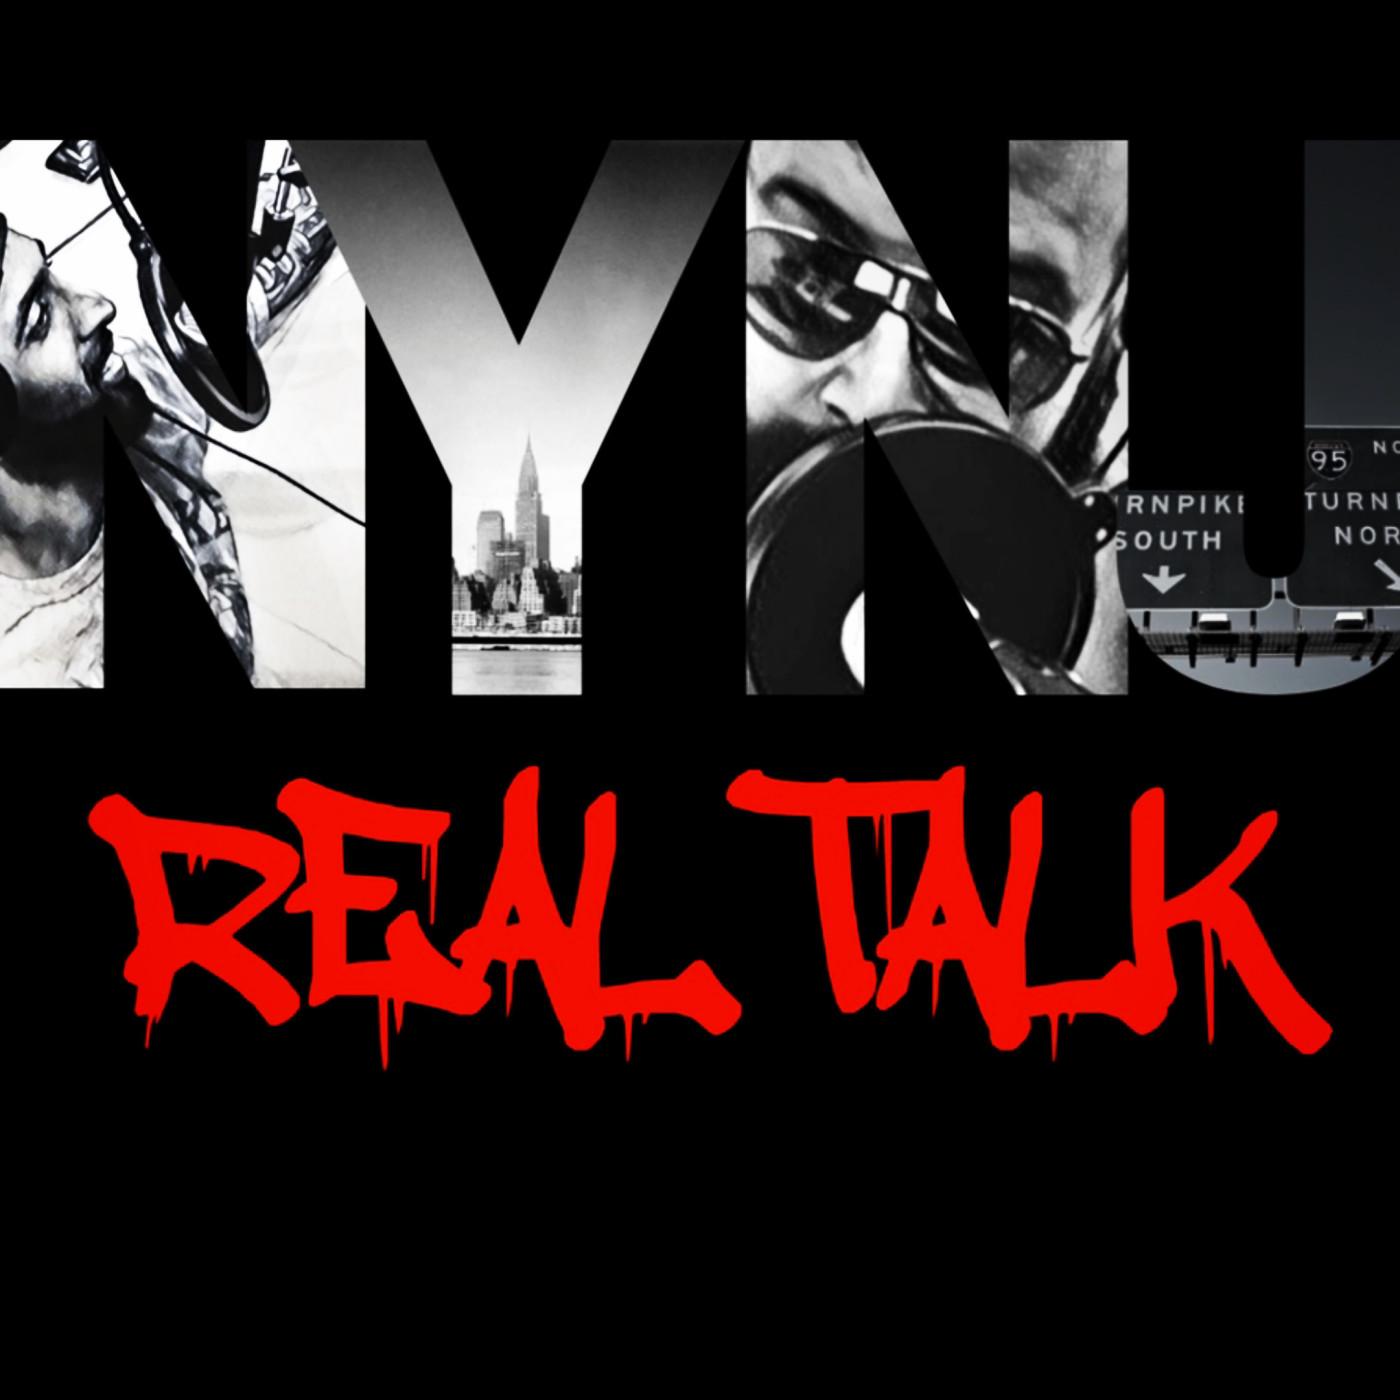 NYNJ Real Talk